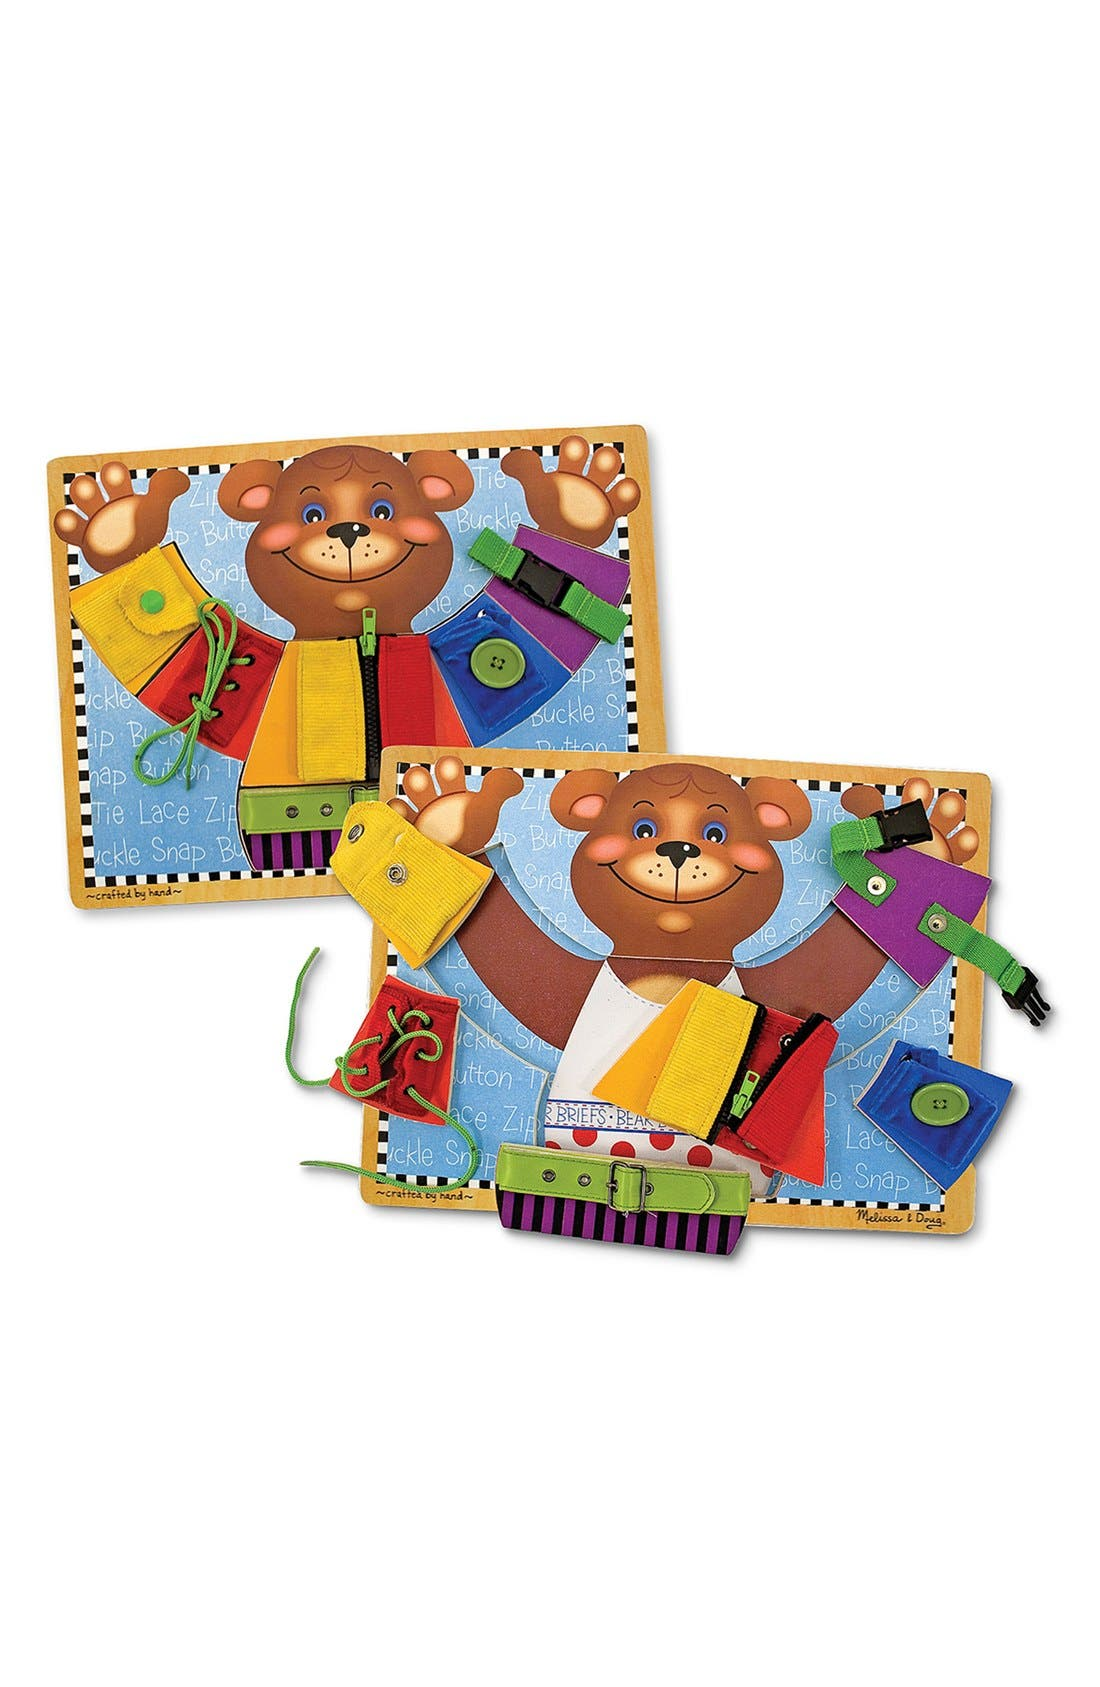 Melissa & Doug 'Basic Skills' Learning Toy